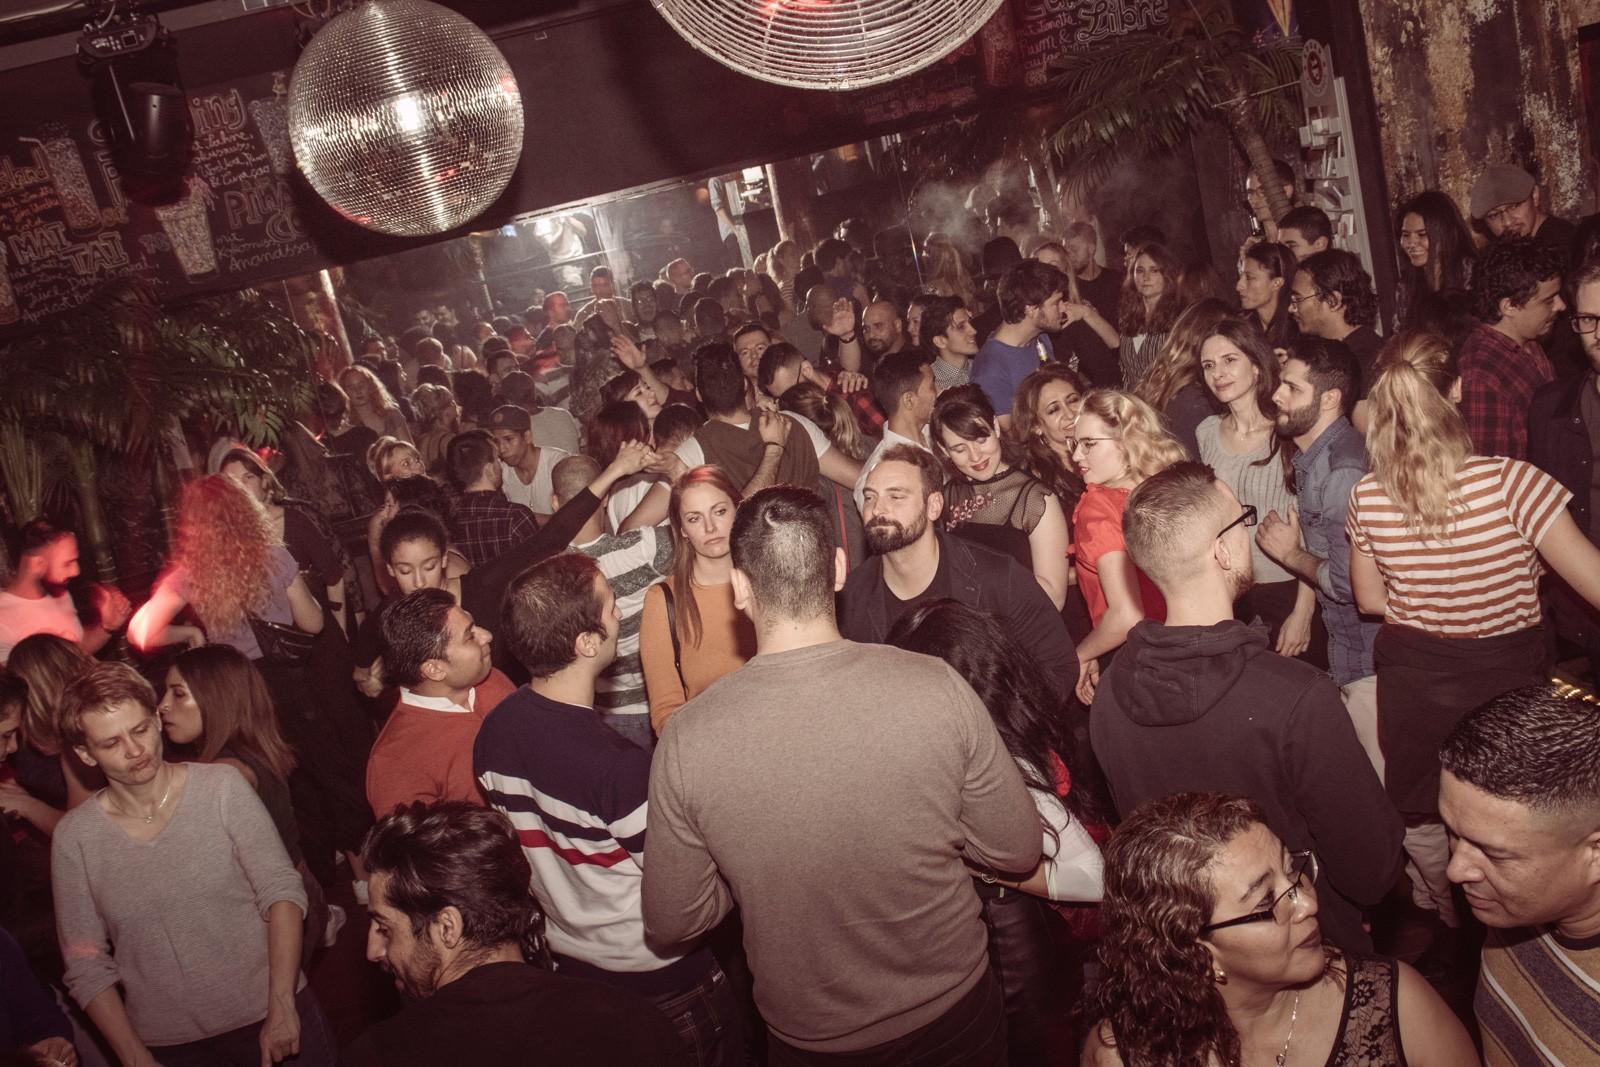 GROSSE FREIHEIT 36 3 - OXMOX verlost Tickets: Die besten Silvester-Partys